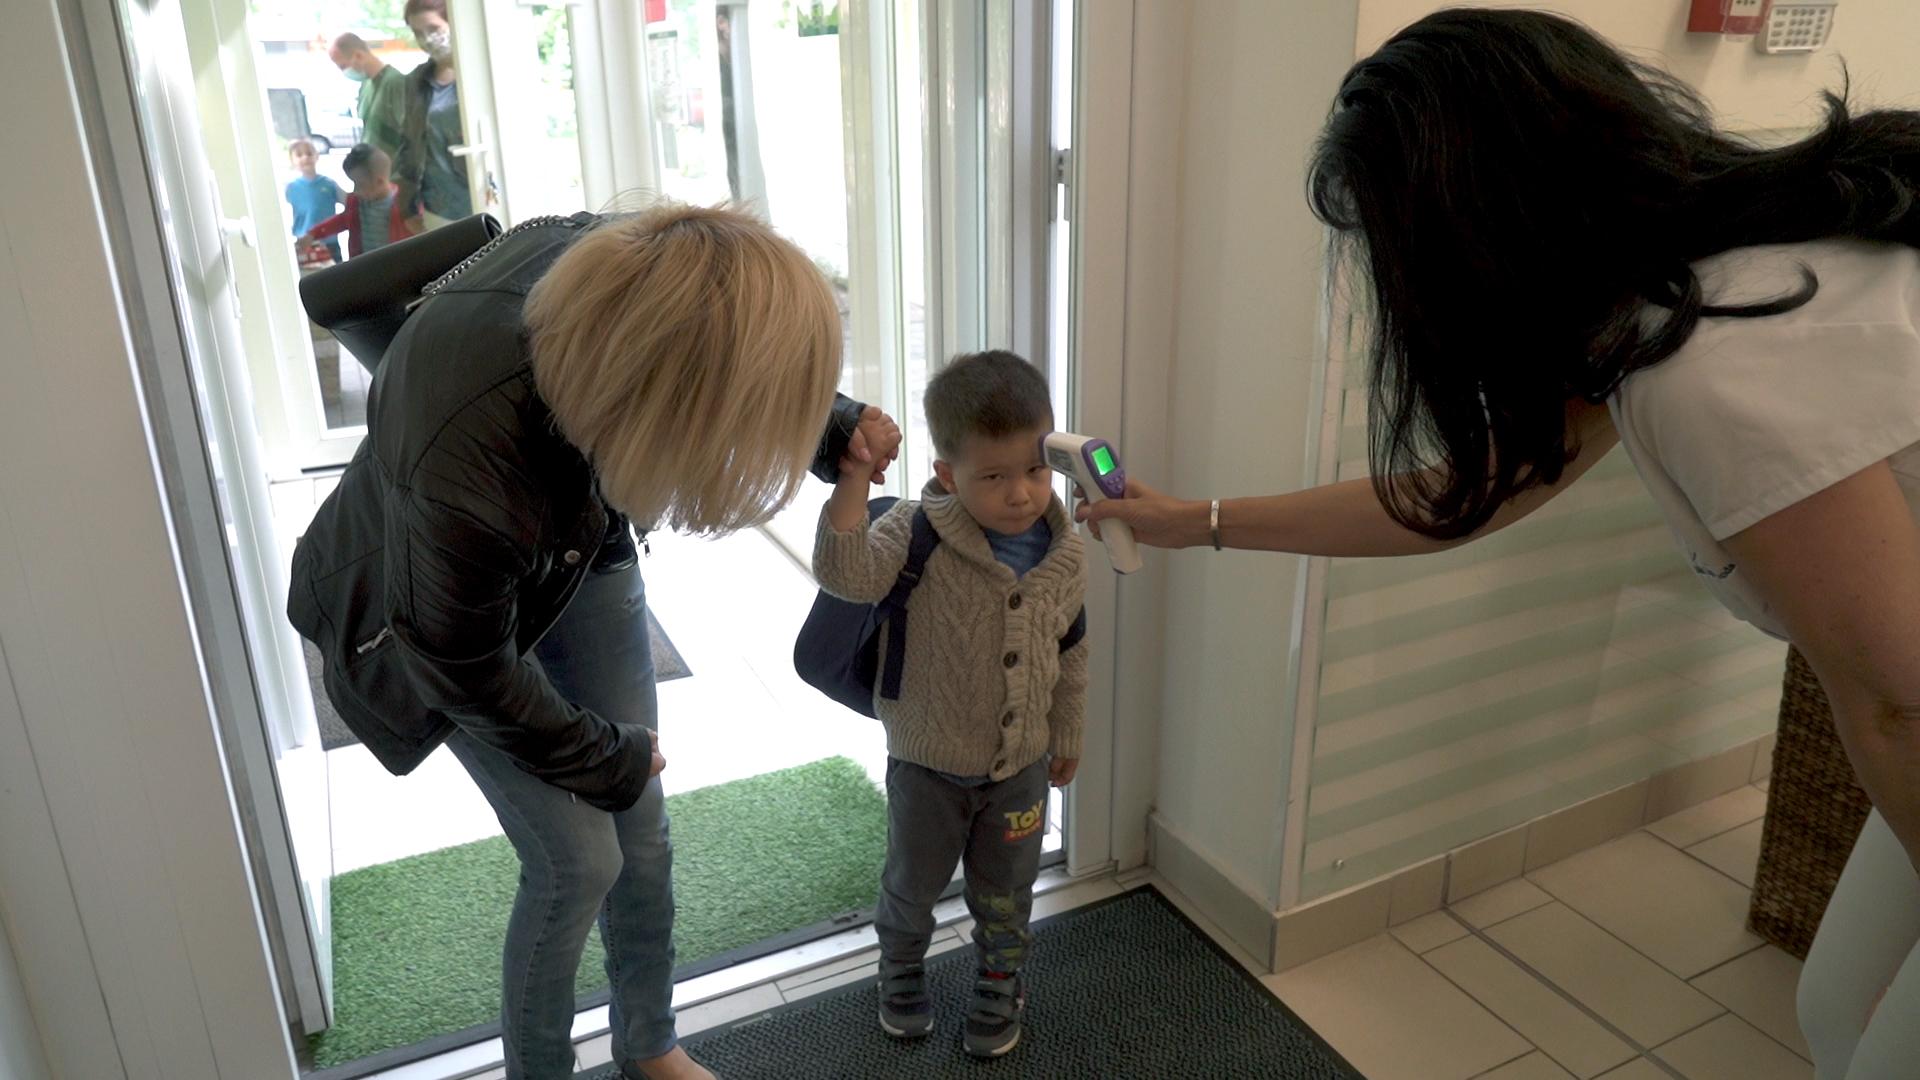 A XIII. kerület felkészült gyermekintézményeinek nyitására – biztonságos beléptetést vezet be az önkormányzat